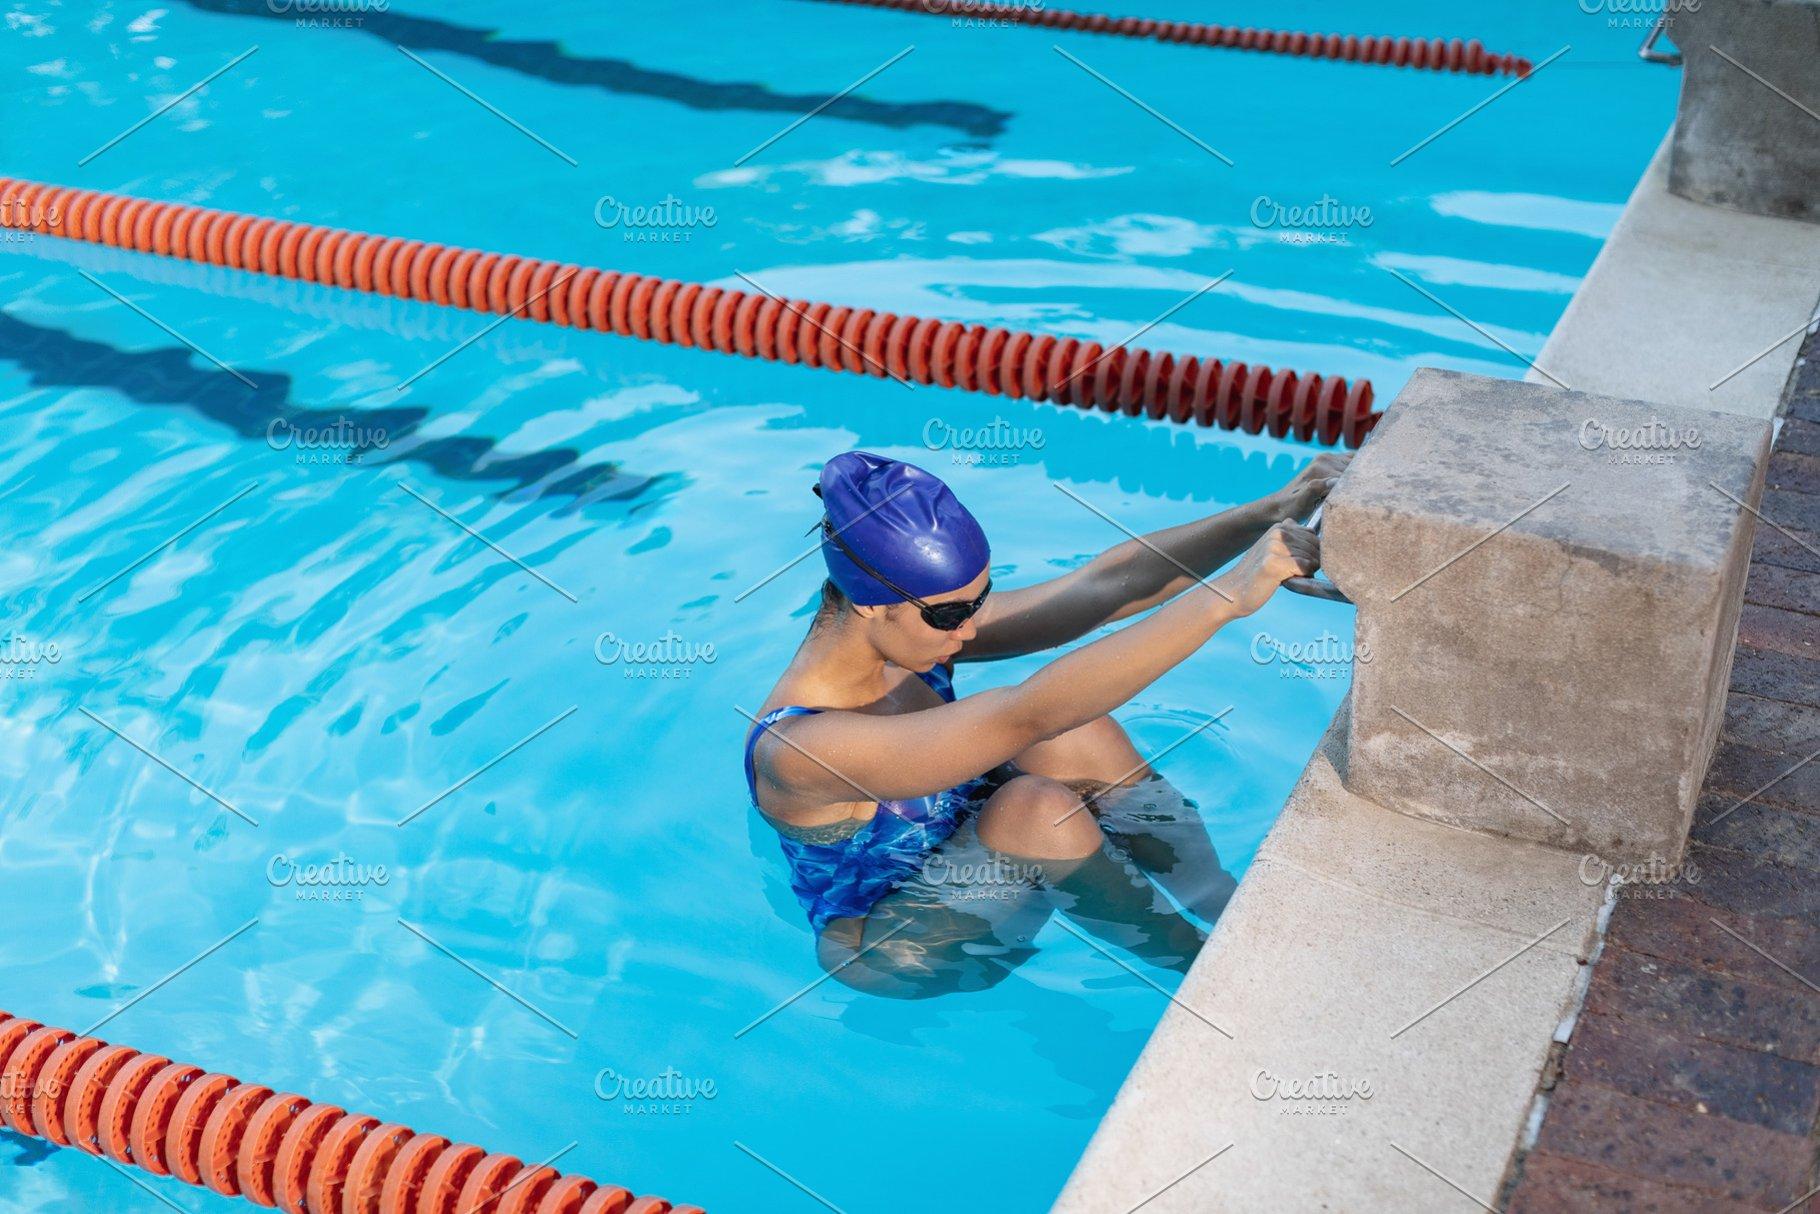 Female swimmer on the starting block